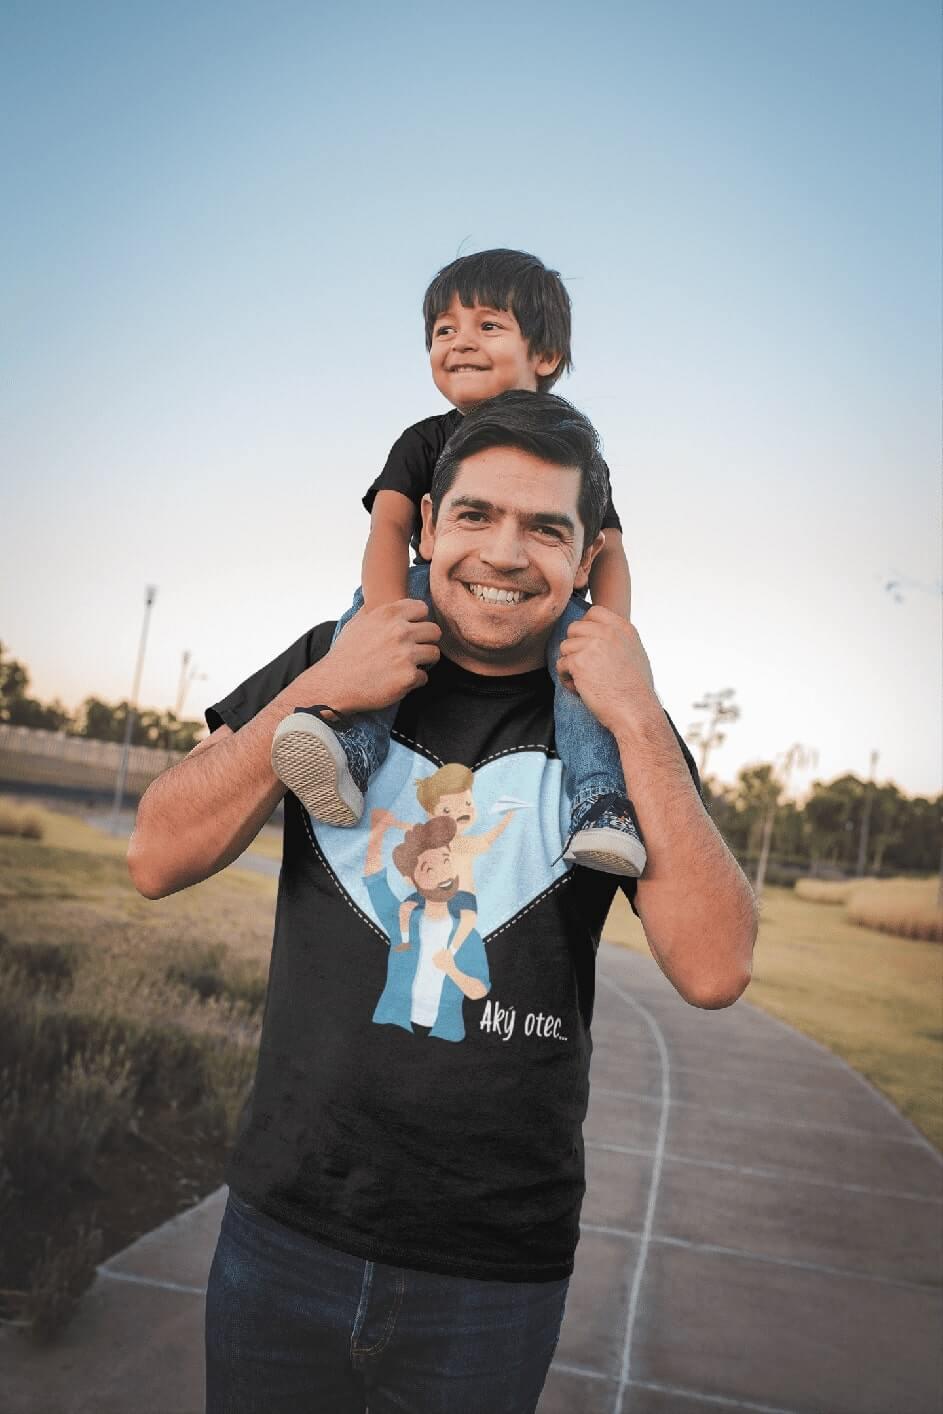 MMO Pánske tričko pre otca Aký otec taký syn Vyberte farbu: Čierna, Vyberte veľkosť: S